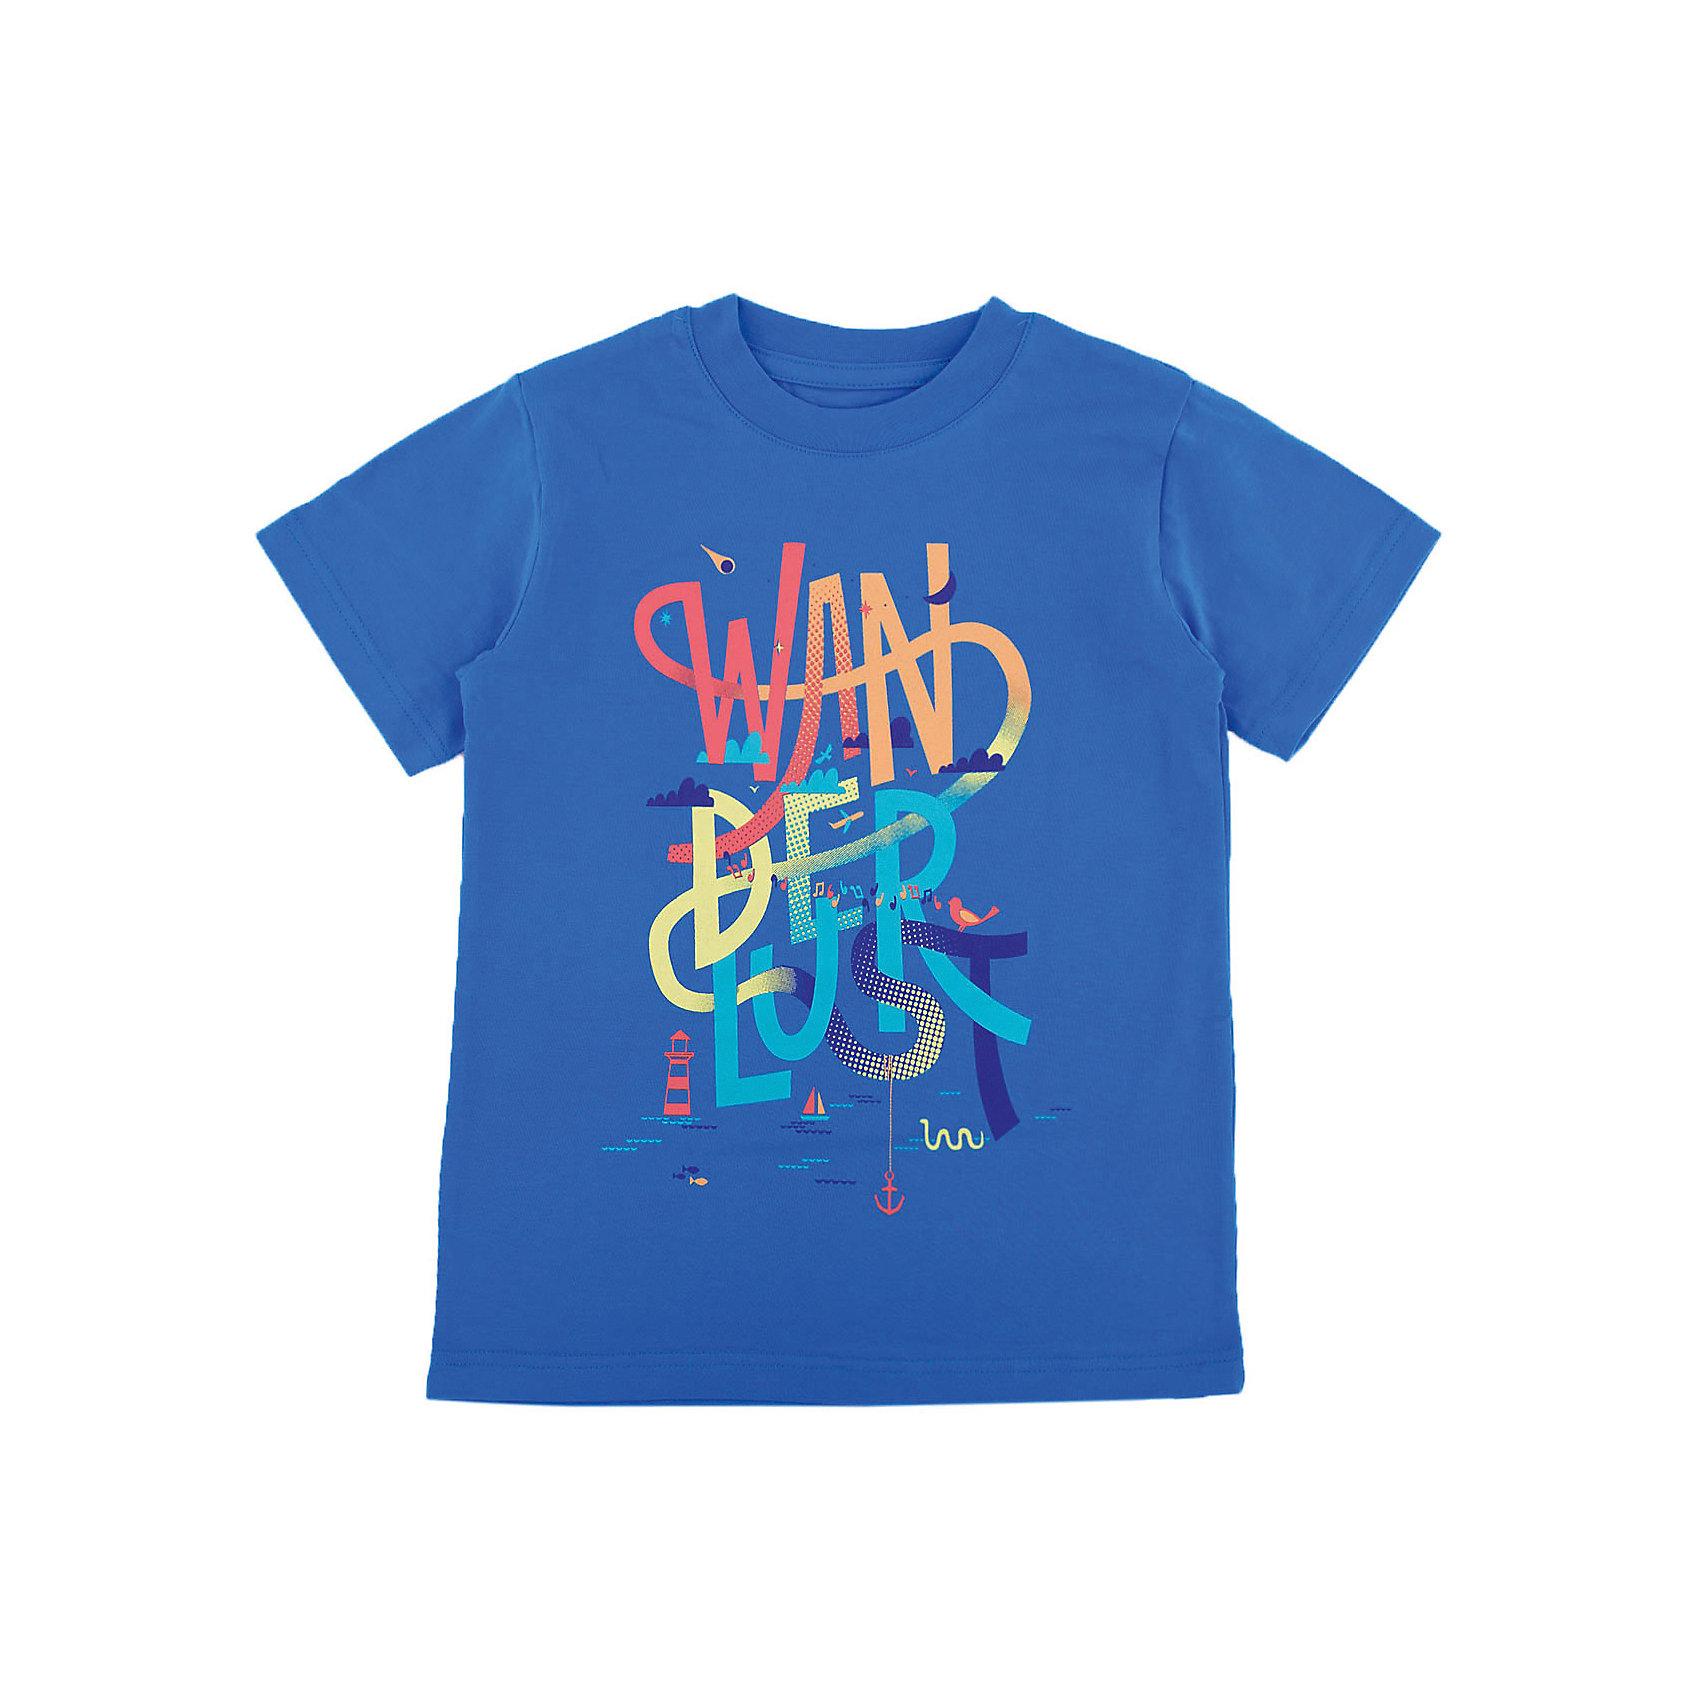 Футболка для мальчика WOWФутболки, поло и топы<br>Футболка для мальчика WOW<br>Незаменимой вещью в  гардеробе послужит футболка с коротким рукавом. Стильная и в тоже время комфортная модель, с яркой оригинальной печатью, будет превосходно смотреться на ребенке.<br>Состав:<br>кулирная гладь 100% хлопок<br><br>Ширина мм: 199<br>Глубина мм: 10<br>Высота мм: 161<br>Вес г: 151<br>Цвет: синий<br>Возраст от месяцев: 72<br>Возраст до месяцев: 84<br>Пол: Мужской<br>Возраст: Детский<br>Размер: 122,98,104,110,116<br>SKU: 6871539